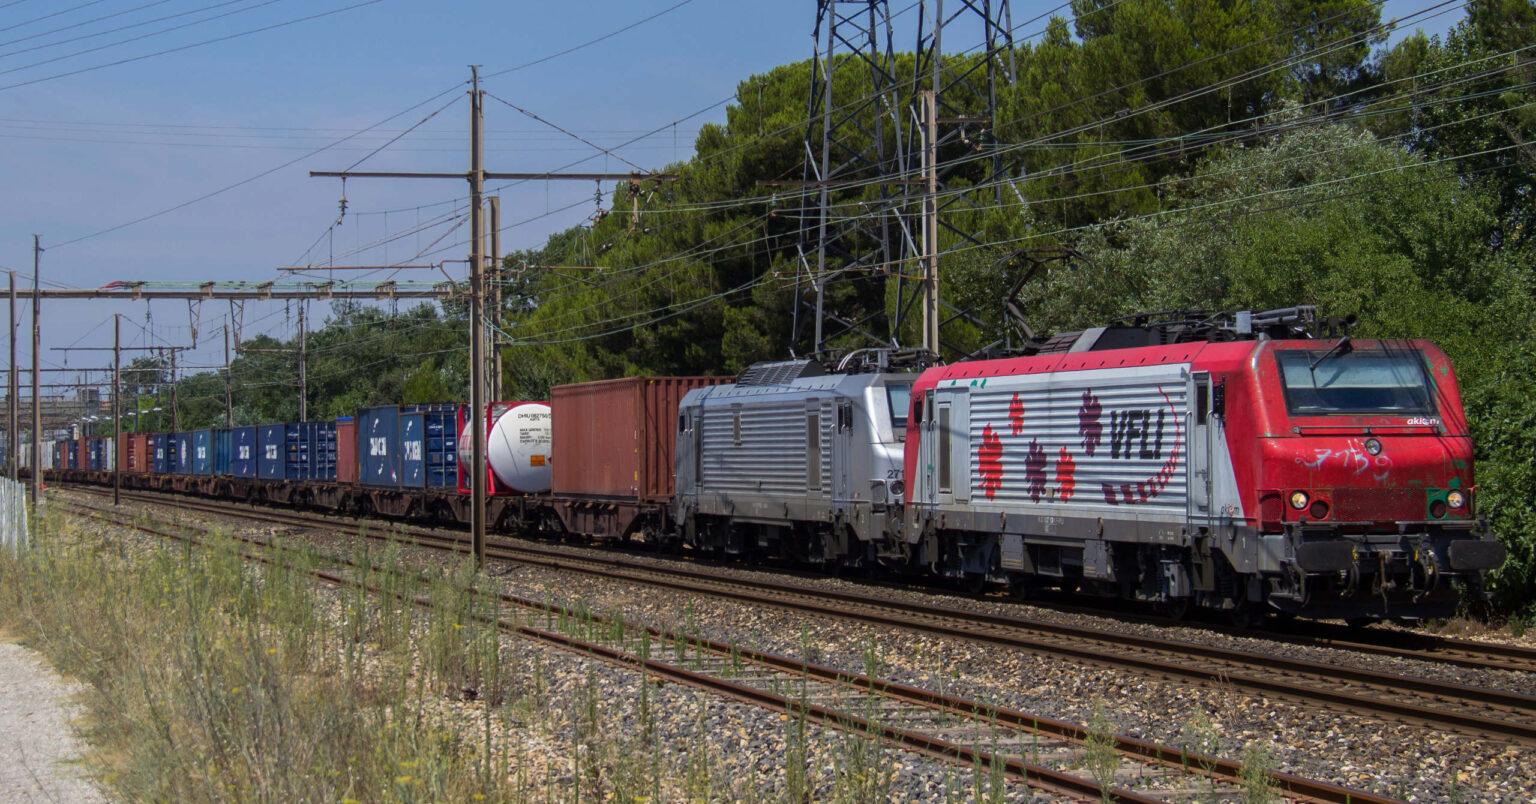 Tren de VFLI (ahora Captrain France) con la BB 27139 en cabeza circulando por Saint-Martin-de-Crau. Foto: Florien Maillard.